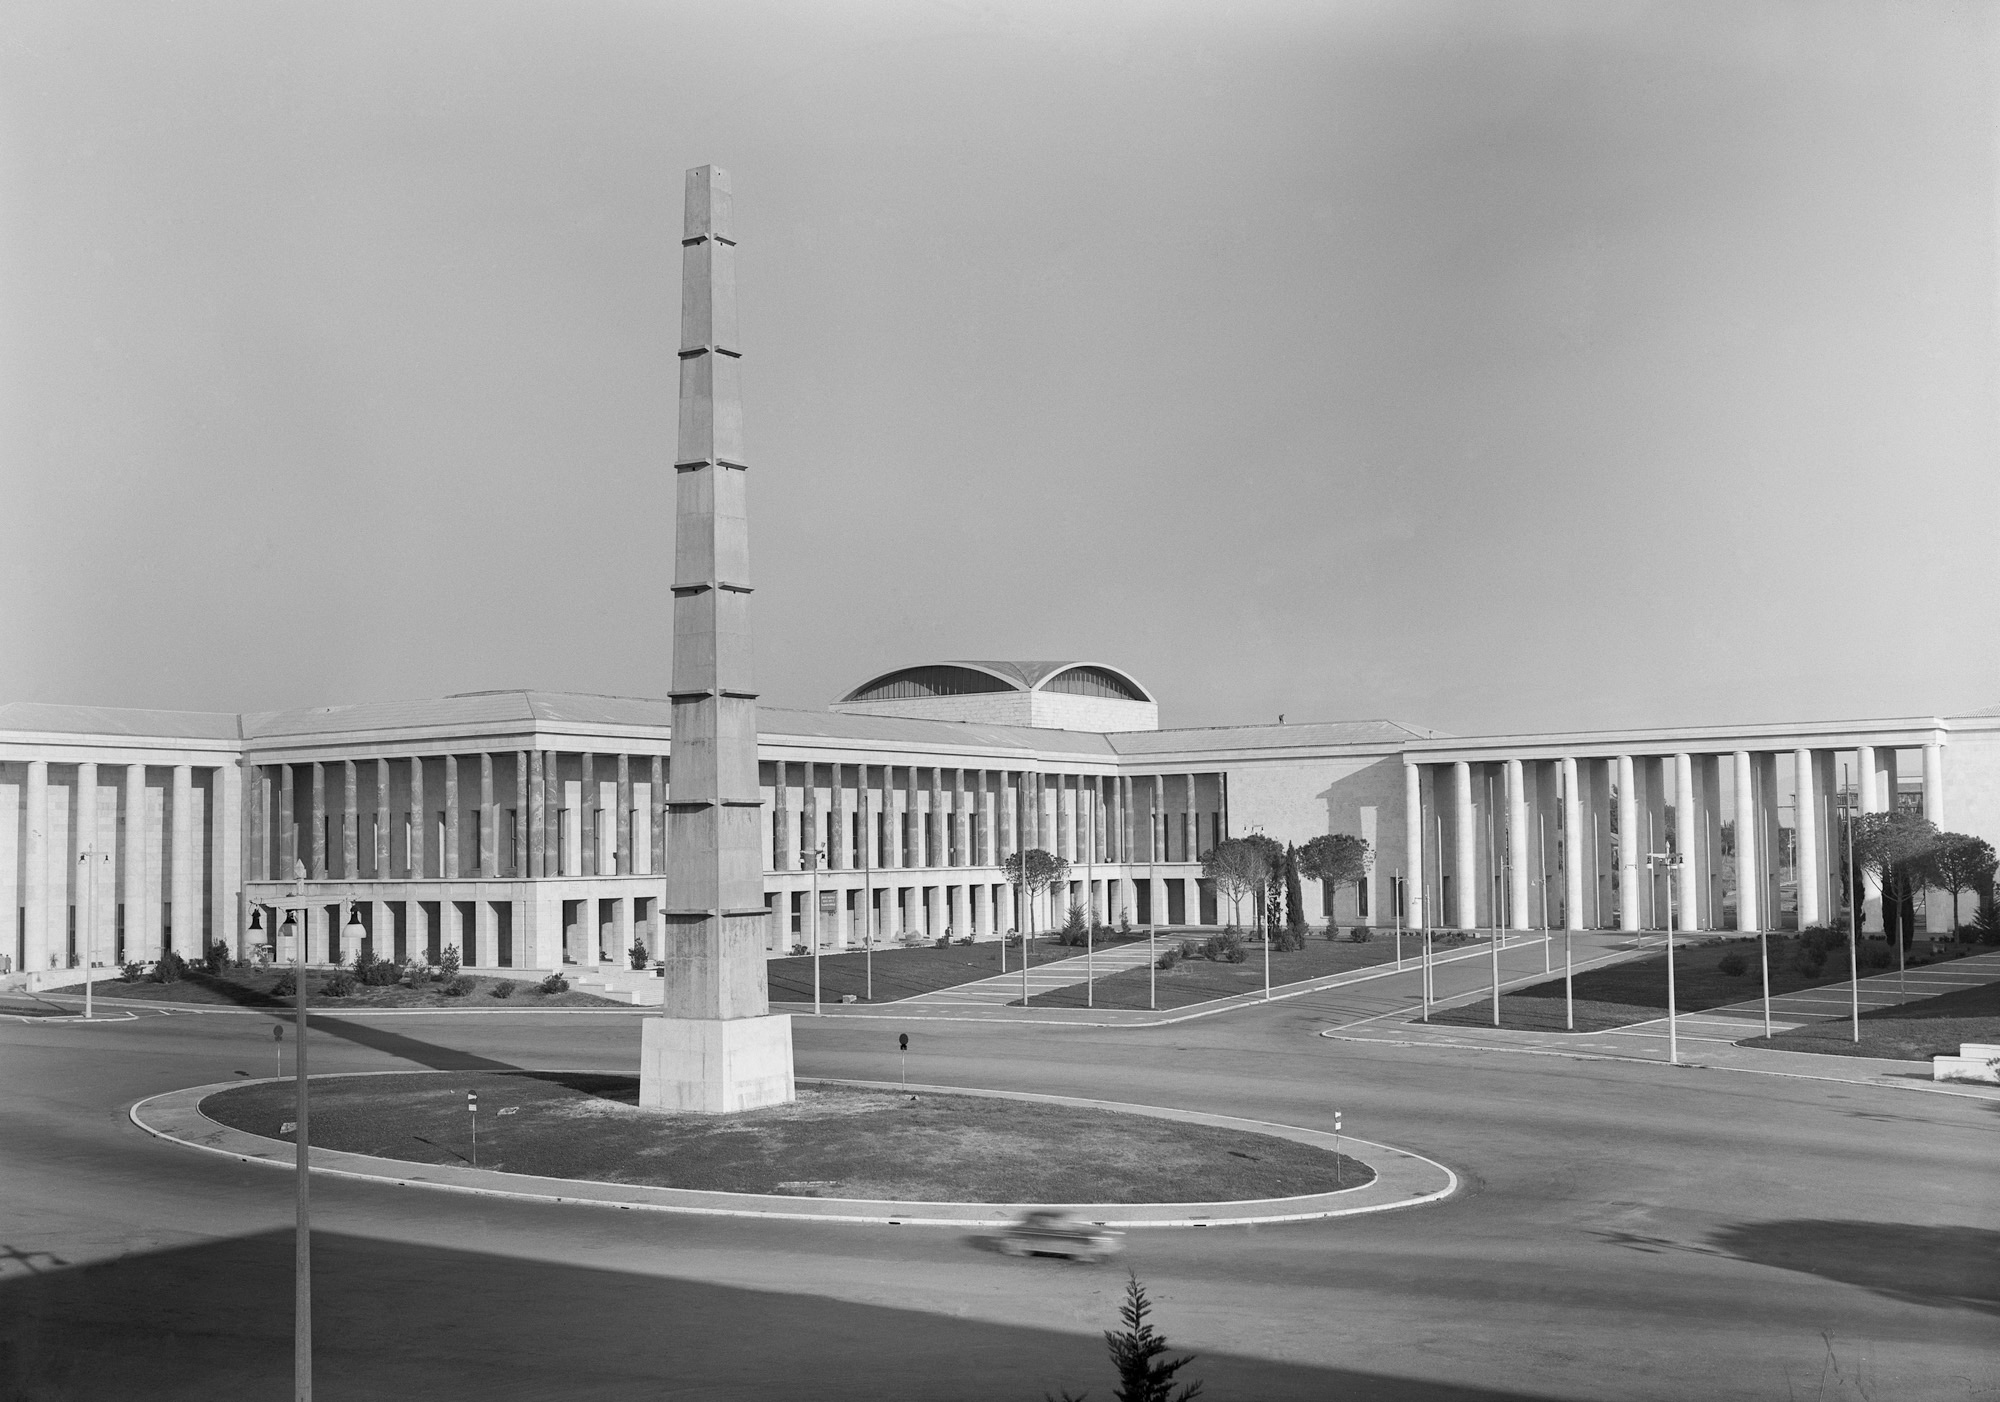 Esposizione universale roma una citt nuova dal fascismo for Architettura fascista in italia